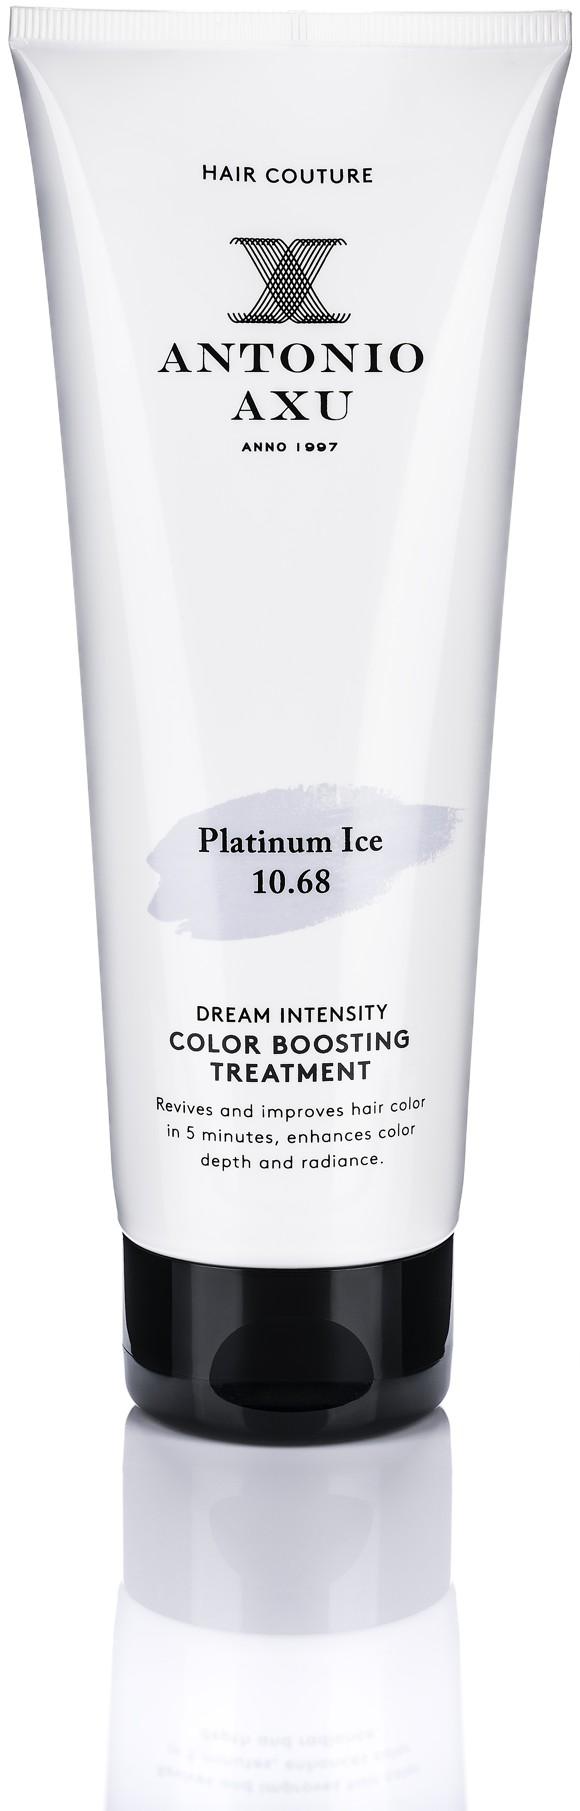 Antonio Axu - Color Boosting Treatment 250 ml - Platinum Ice